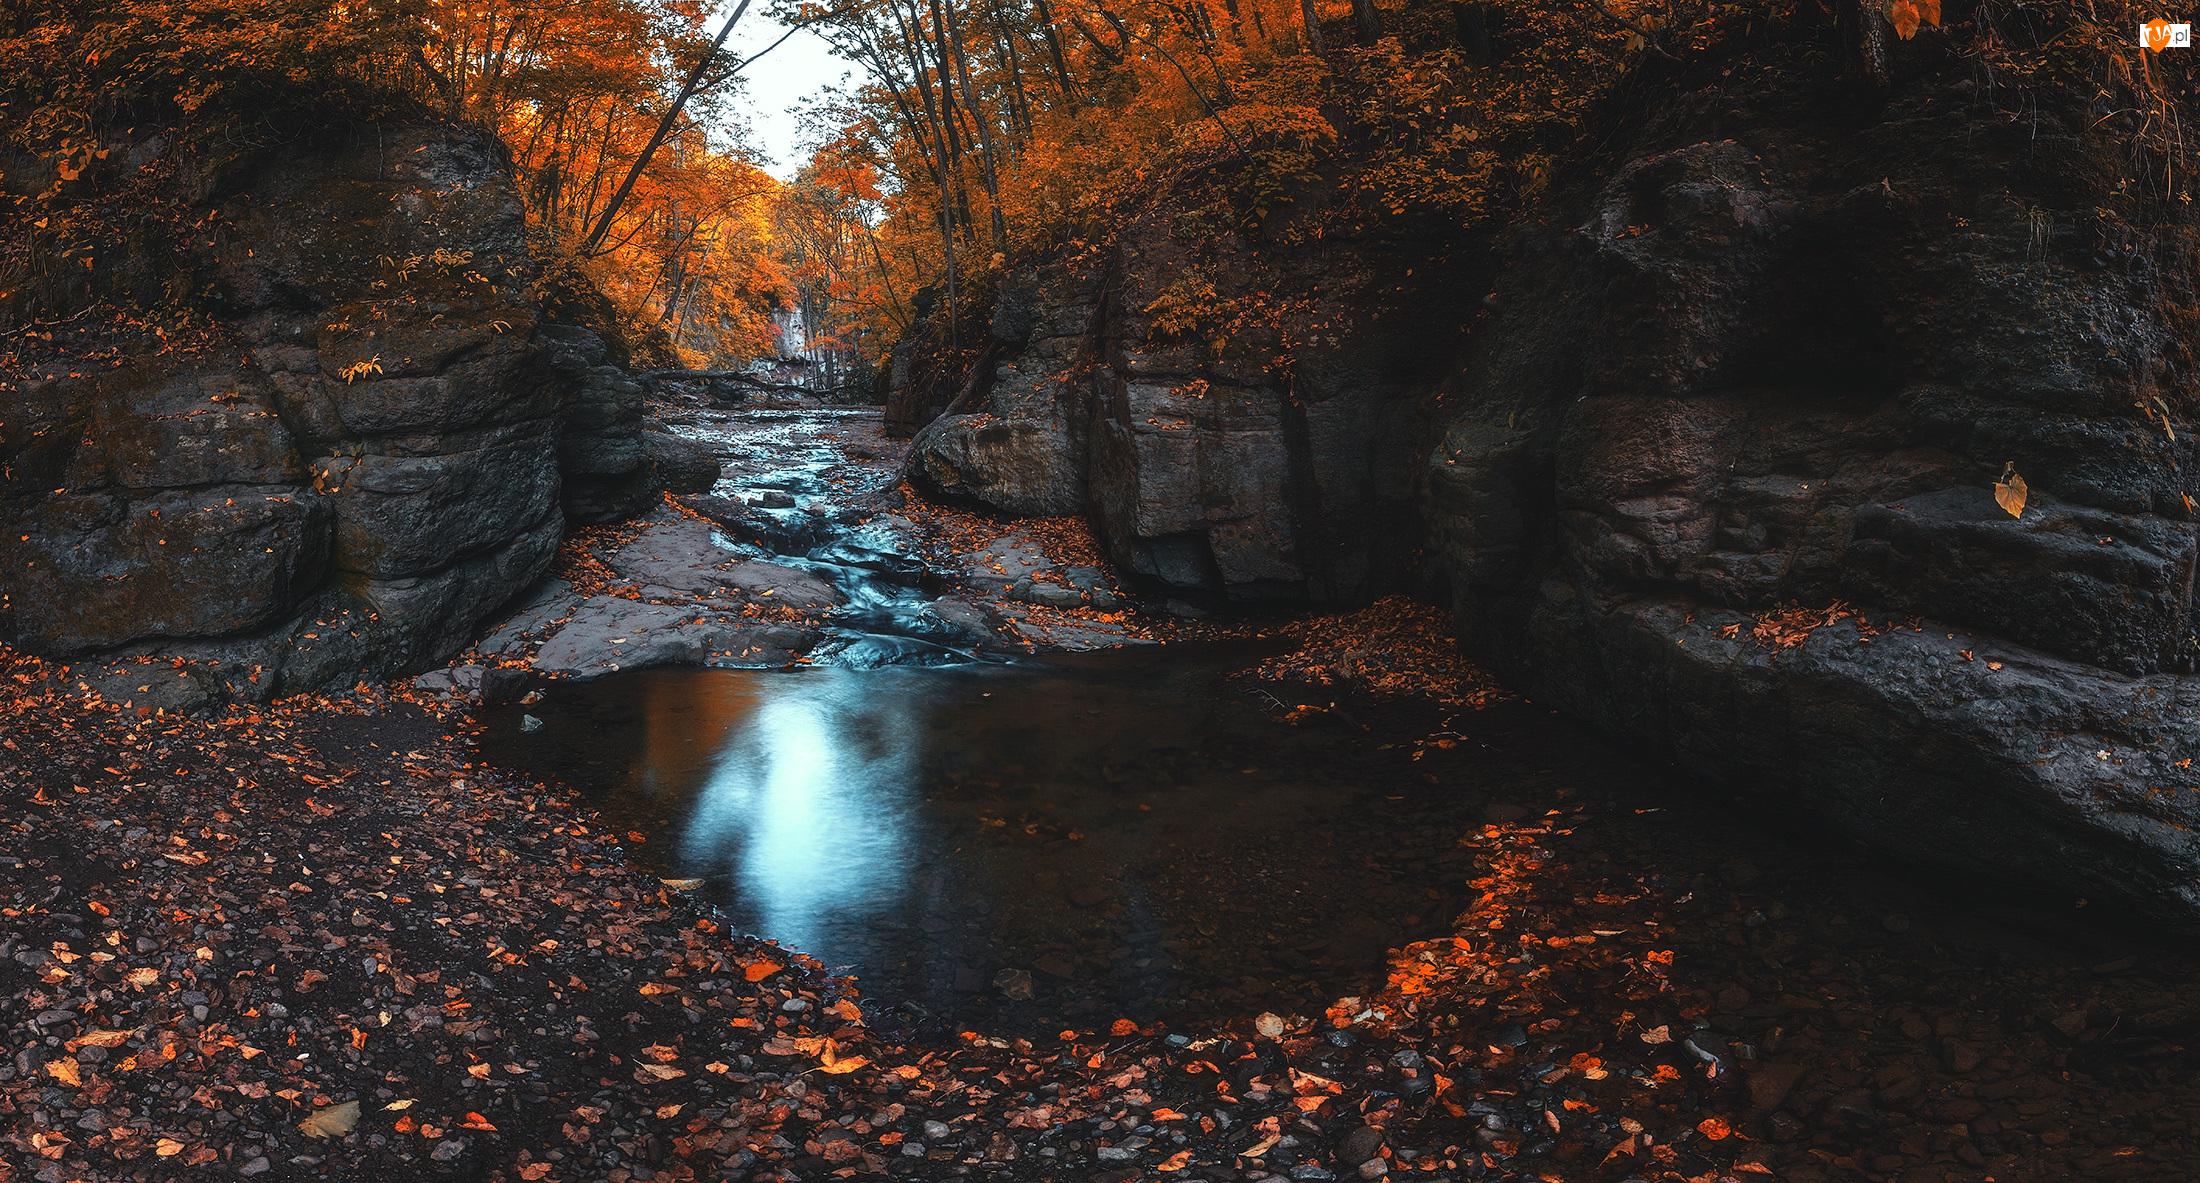 Skały, Jesień, Strumyk, Liście, Drzewa, Rzeczka